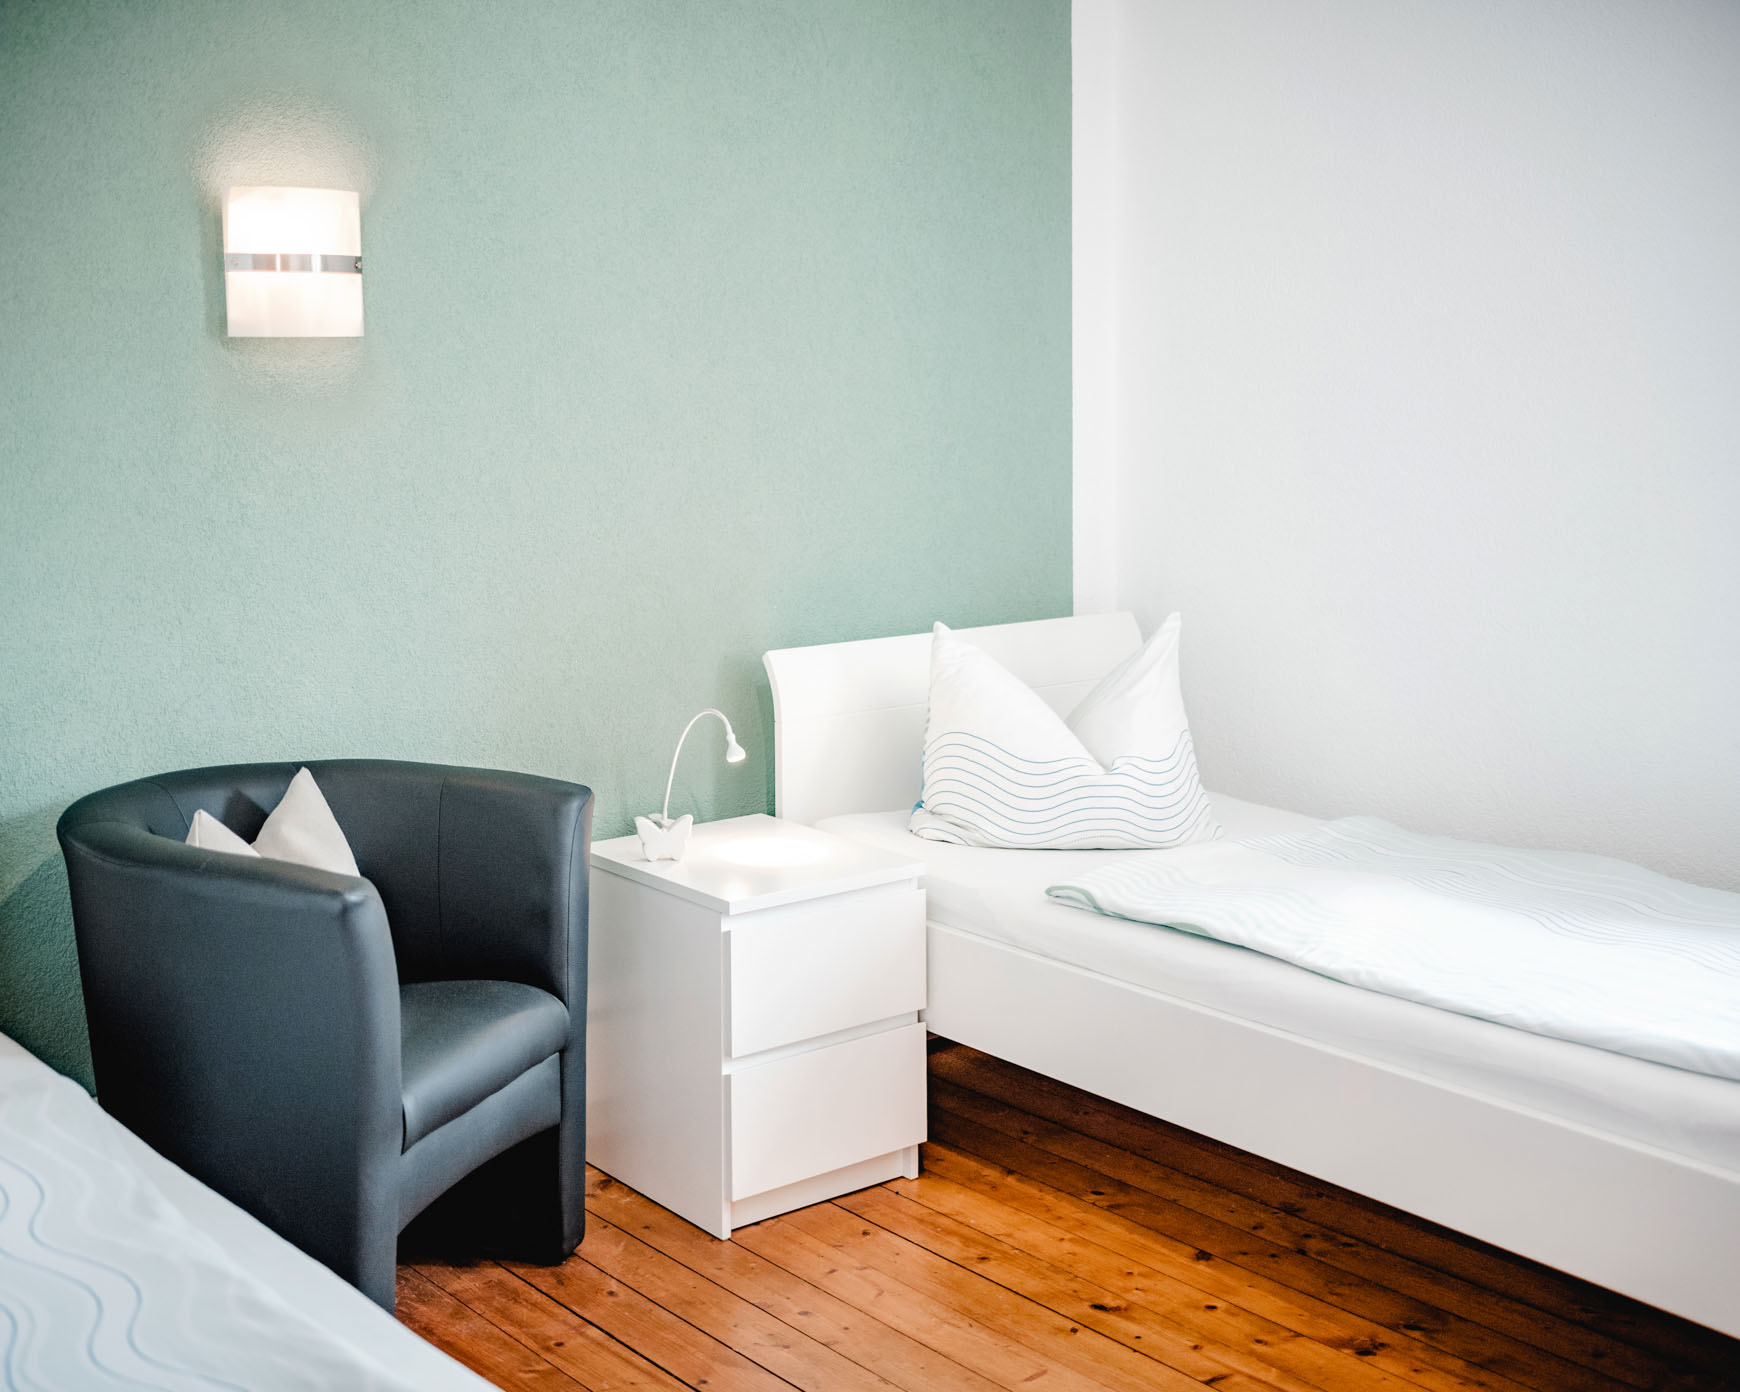 Einzelzimmer - Übersicht Bett, Sessel